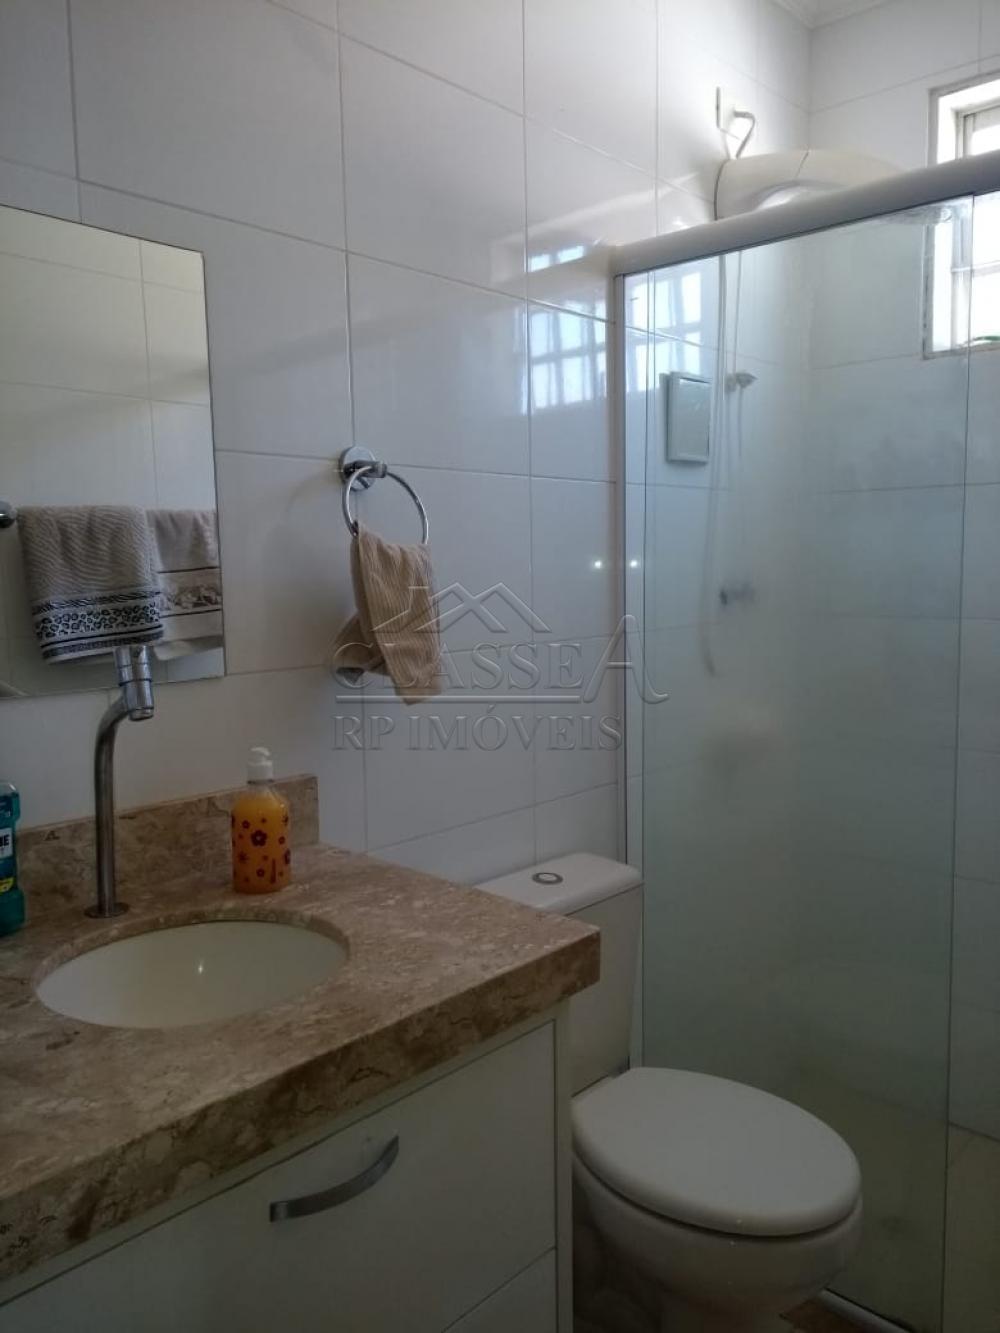 Comprar Casa / Condomínio - sobrado em Ribeirão Preto apenas R$ 450.000,00 - Foto 18